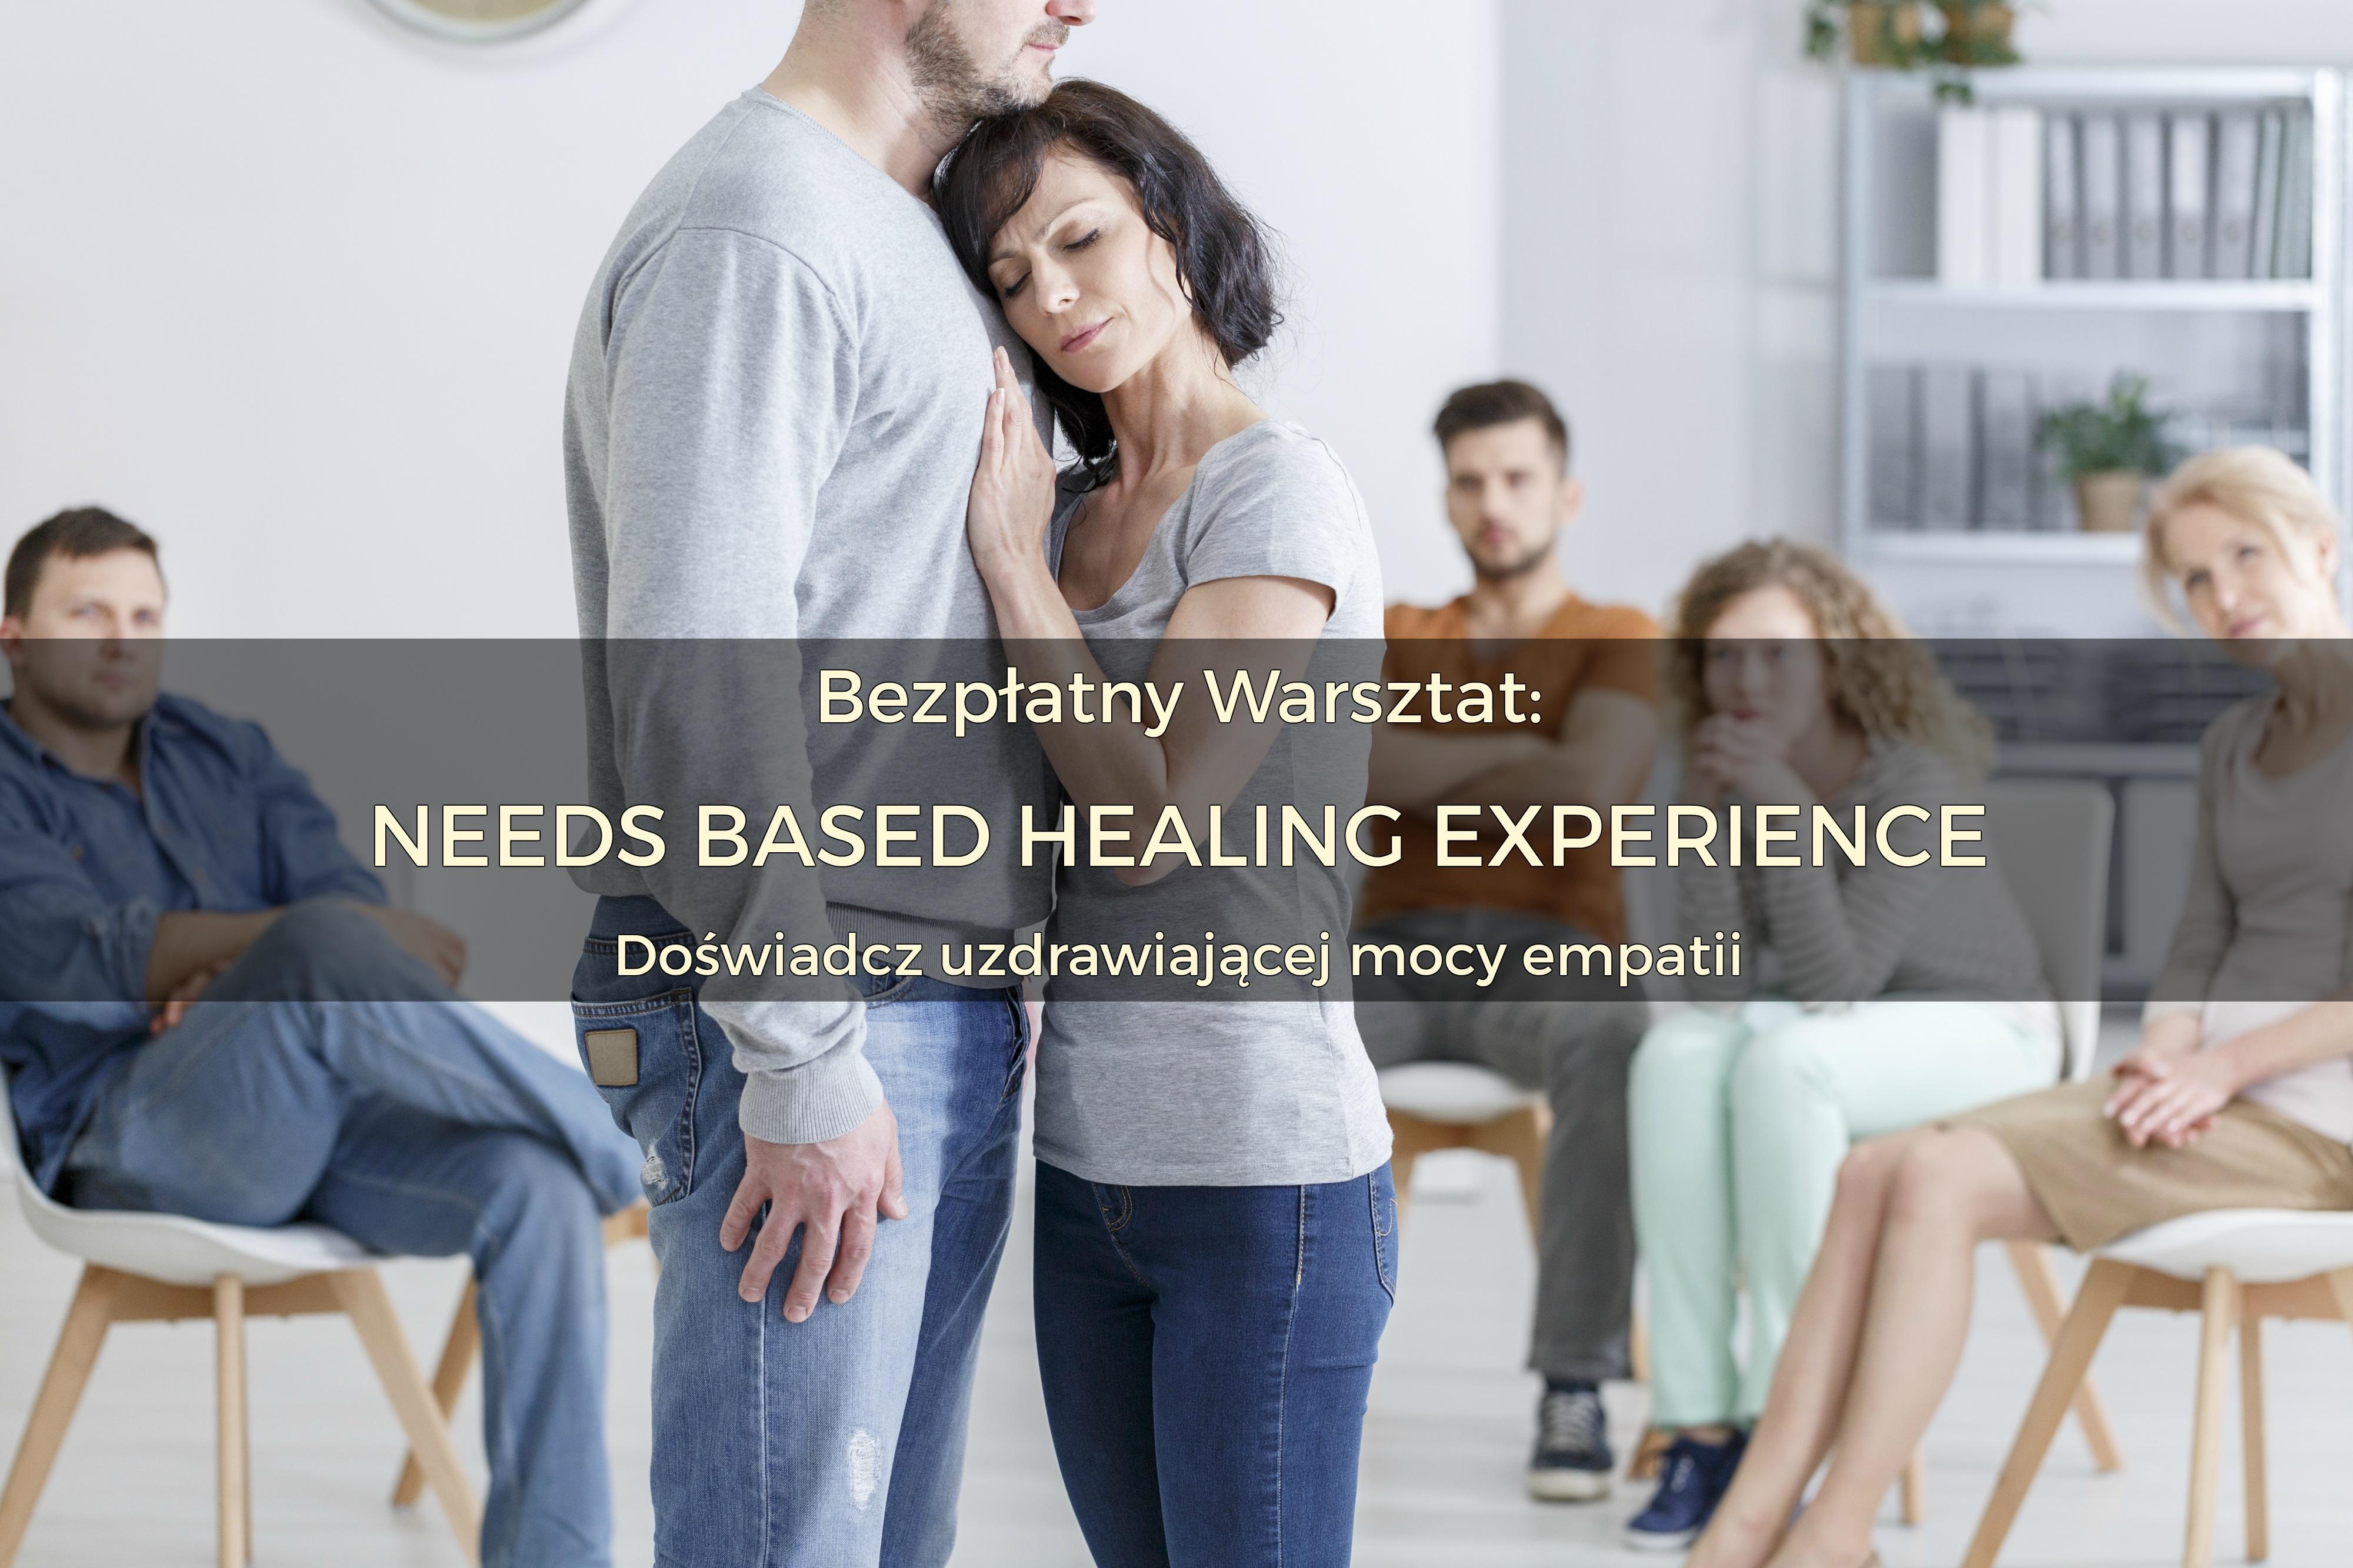 Bezpłatny 2h warsztat: Needs Based Healing Experience | 17 stycznia 2018 | Warszawa